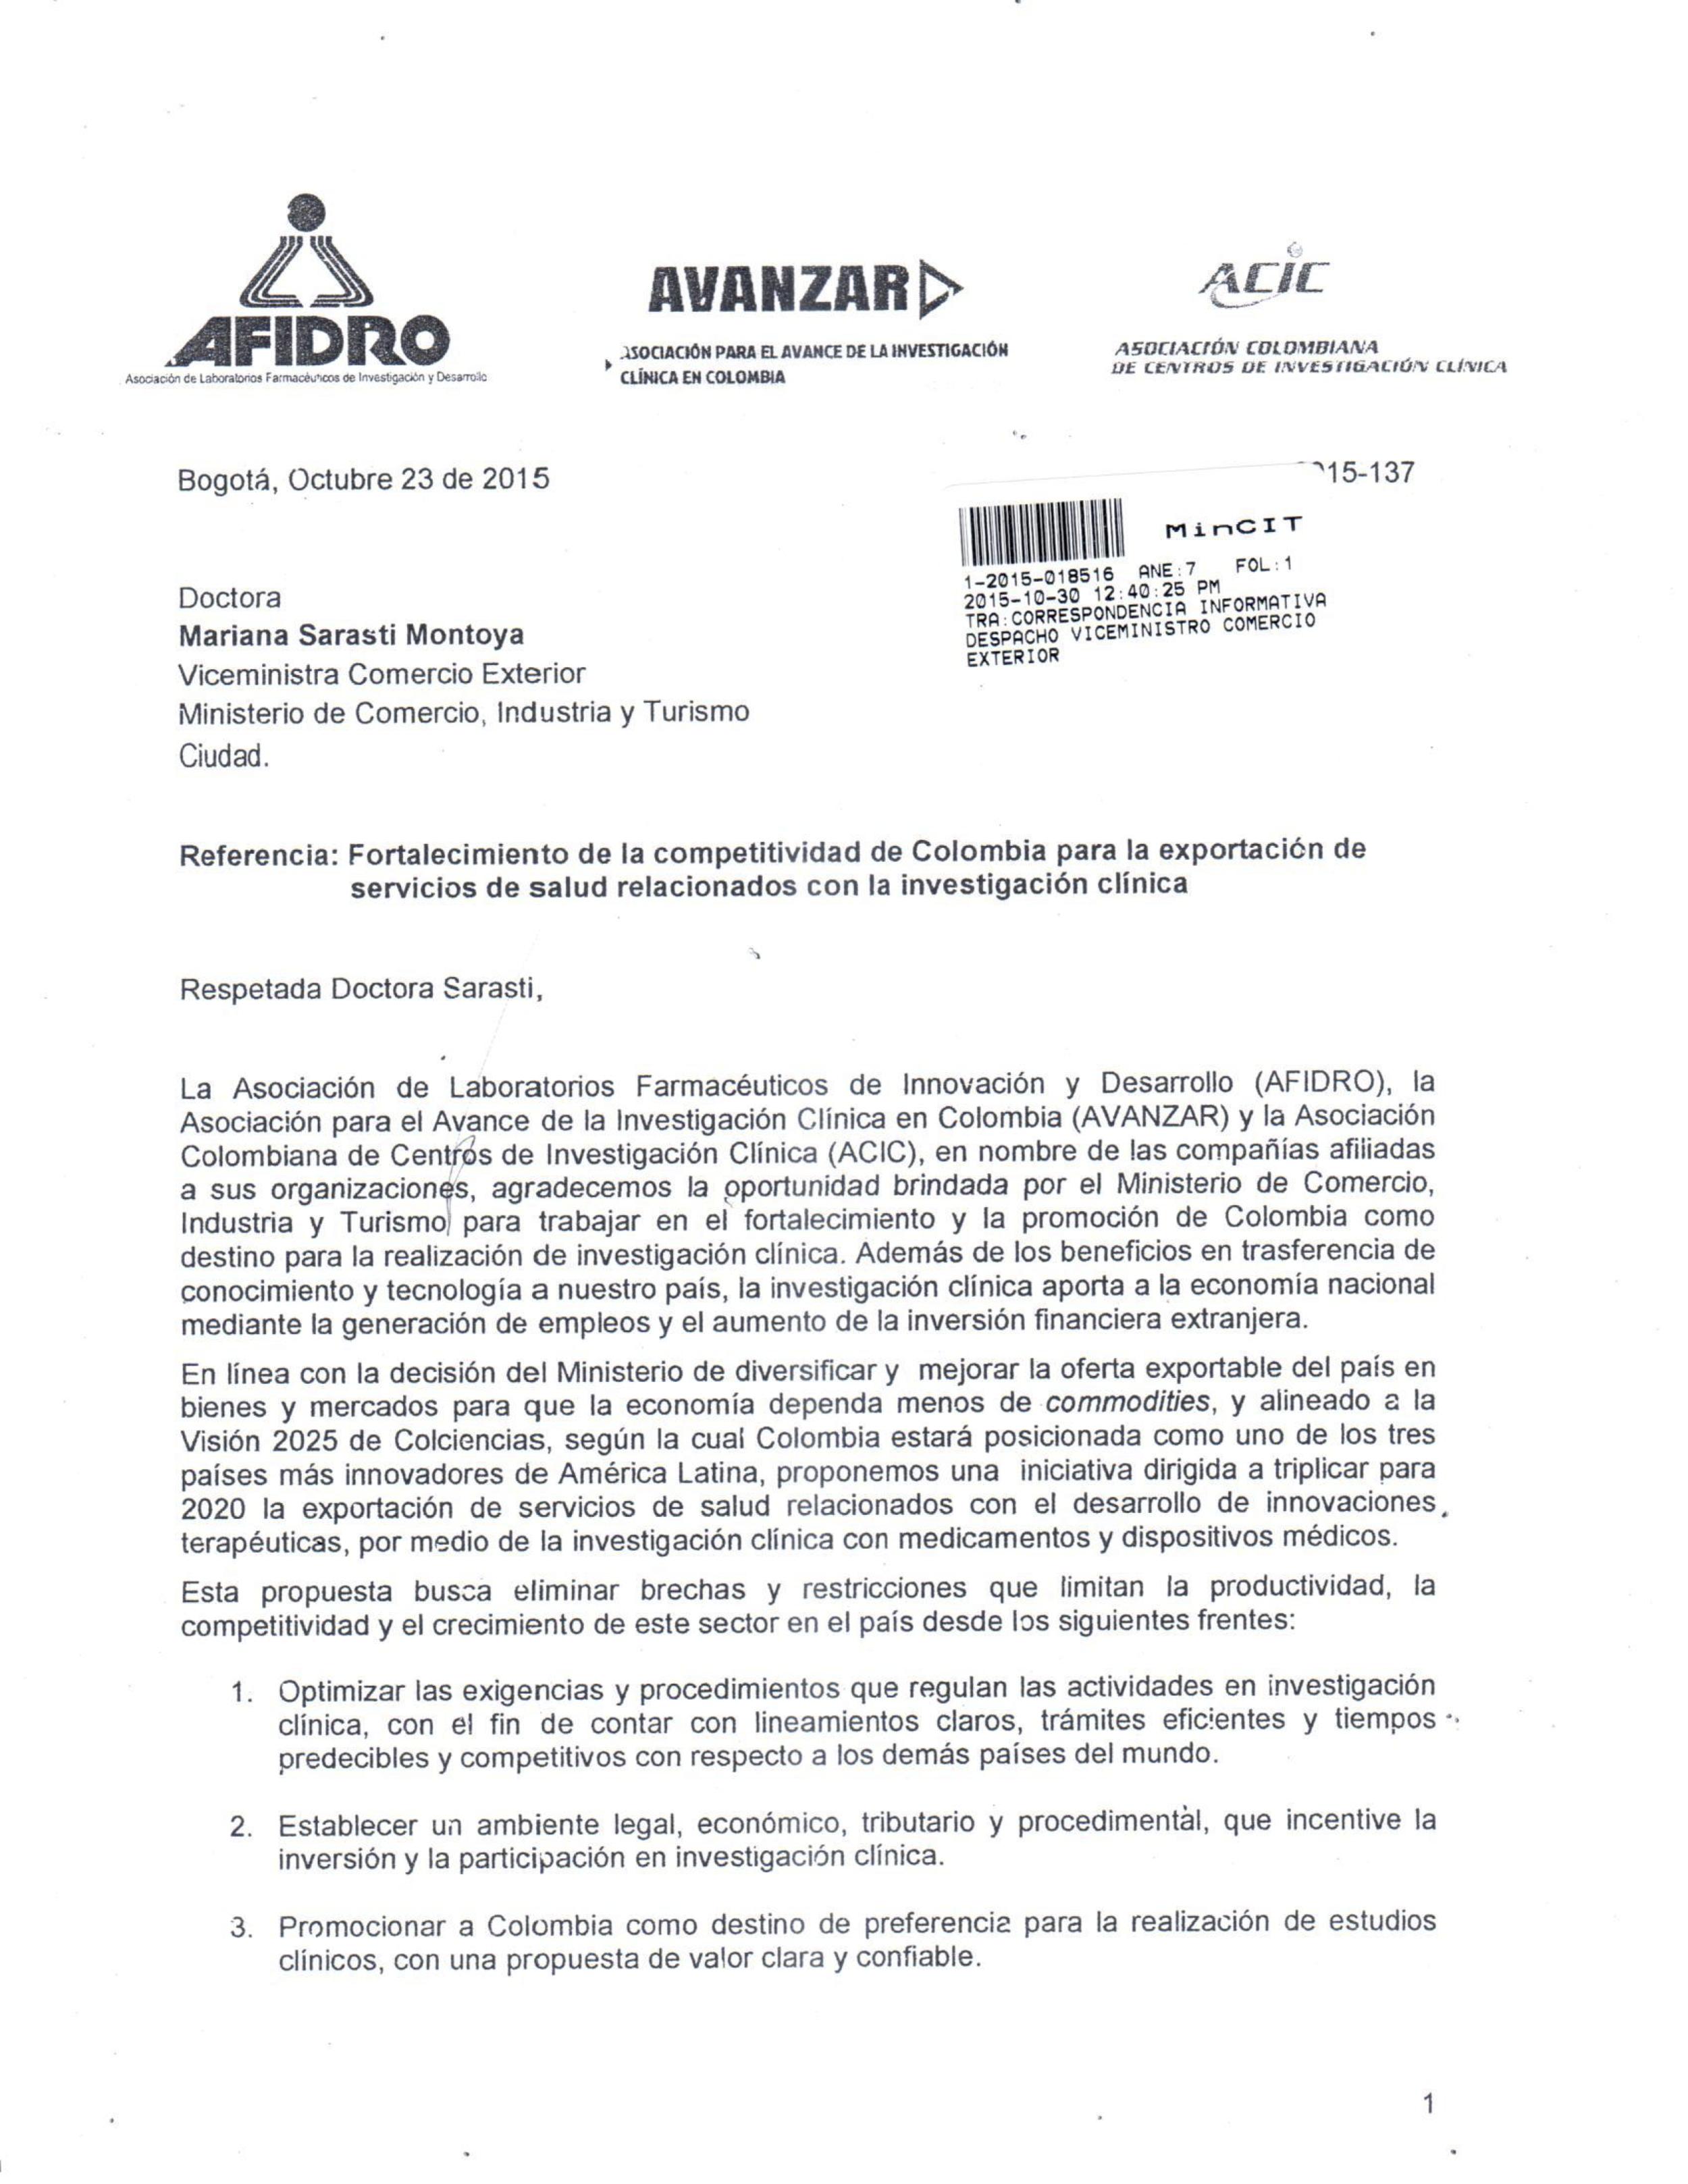 Carta de las asociaciones gremiales de investigación clínica en Colombia al Ministerio de Comercio Industria y Turismo